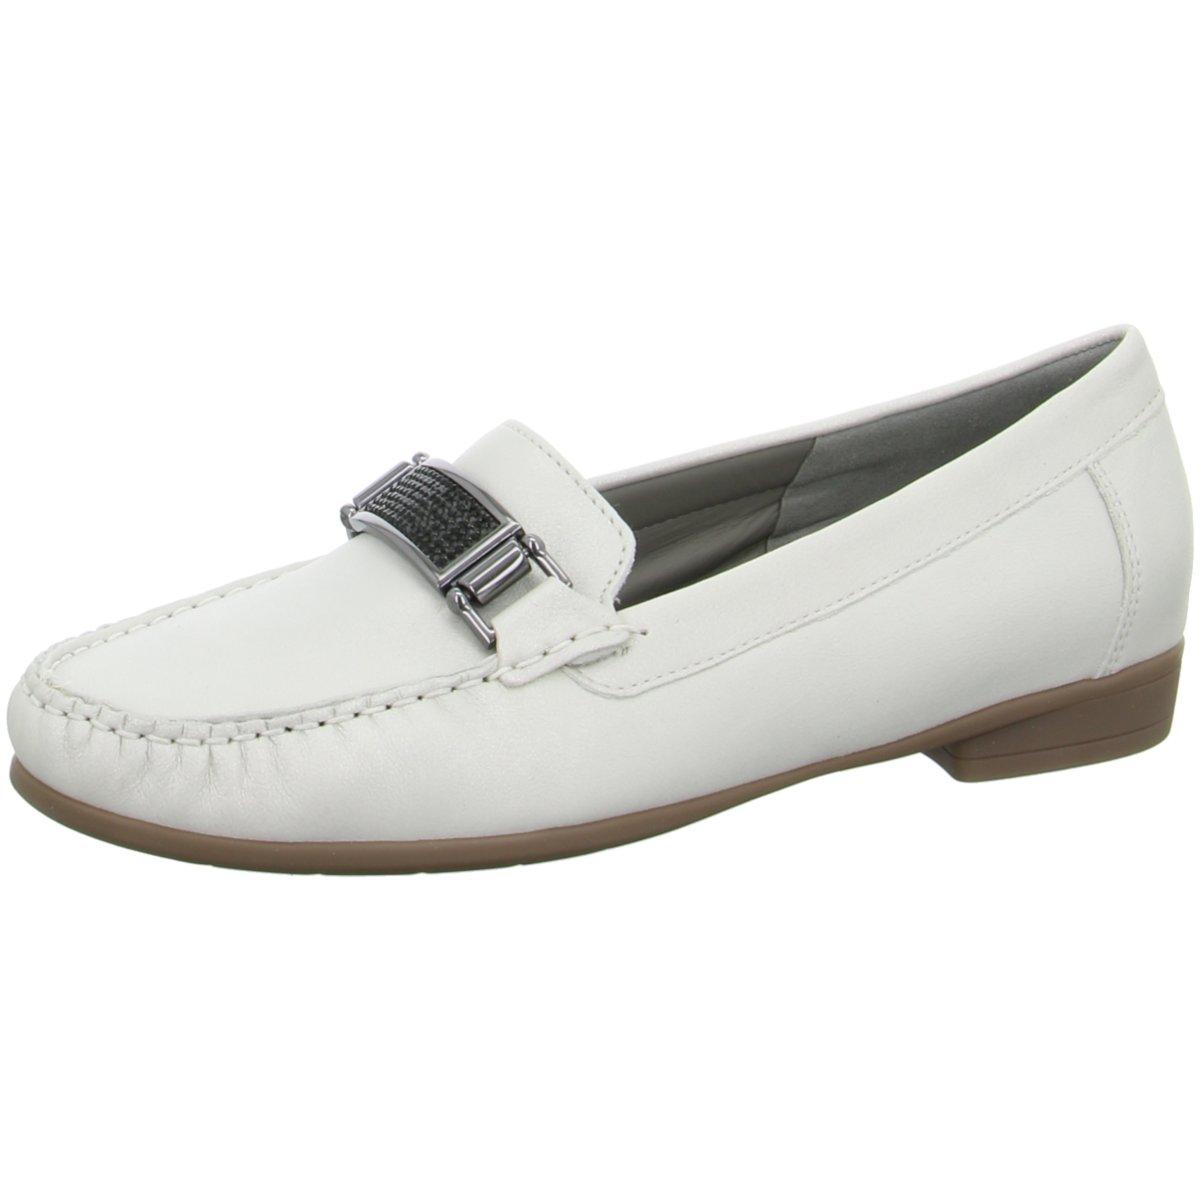 Ara Damen Slipper NV 12-30767-09 weiß 116197